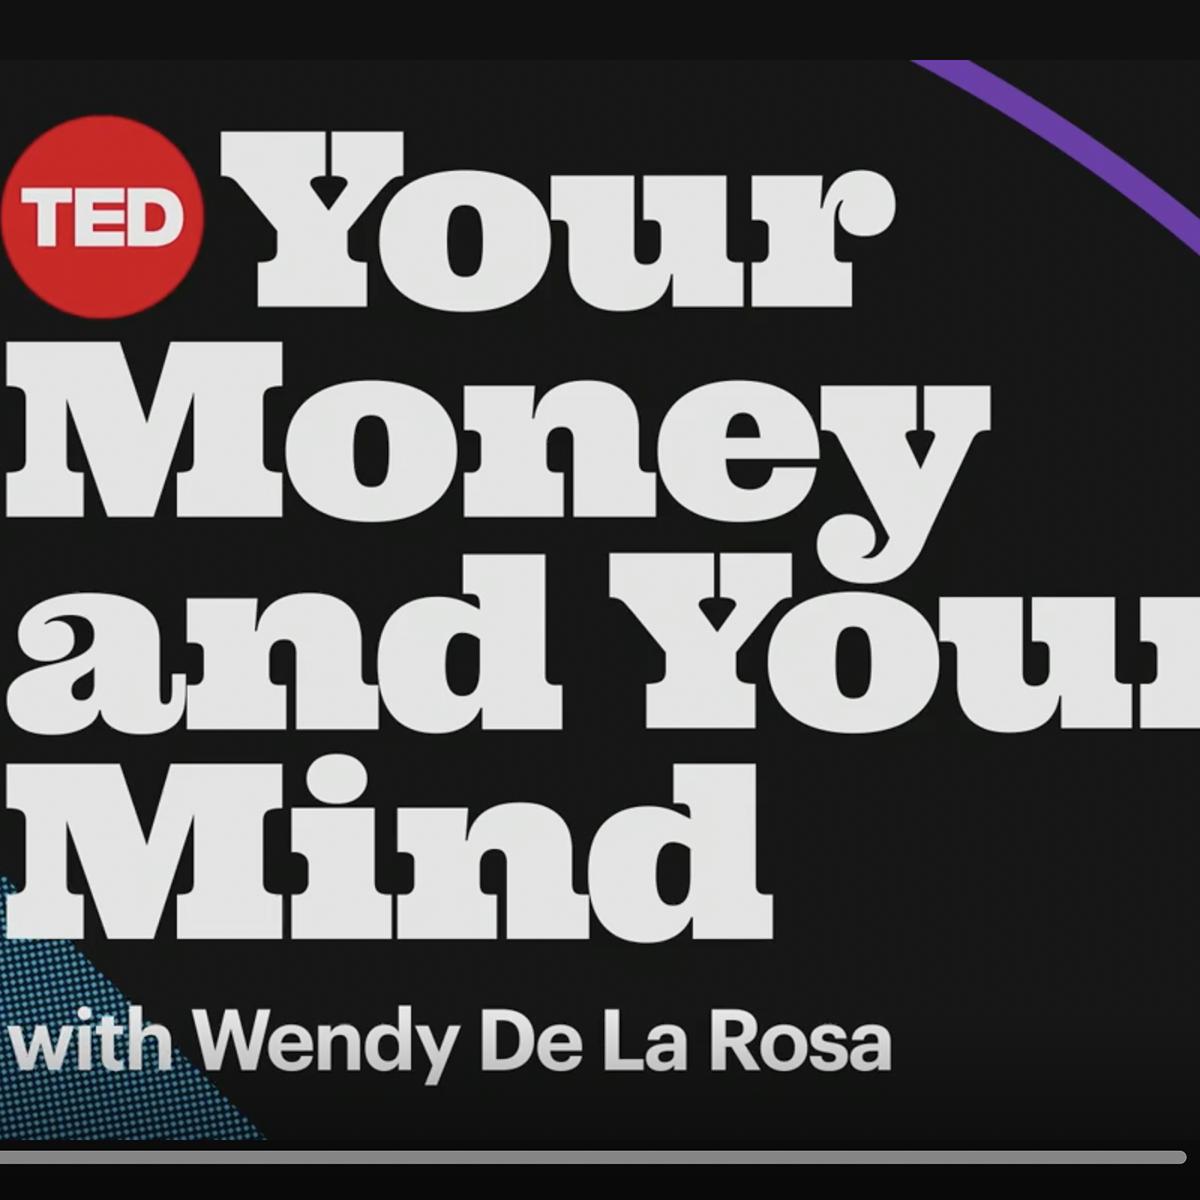 via Ted.com